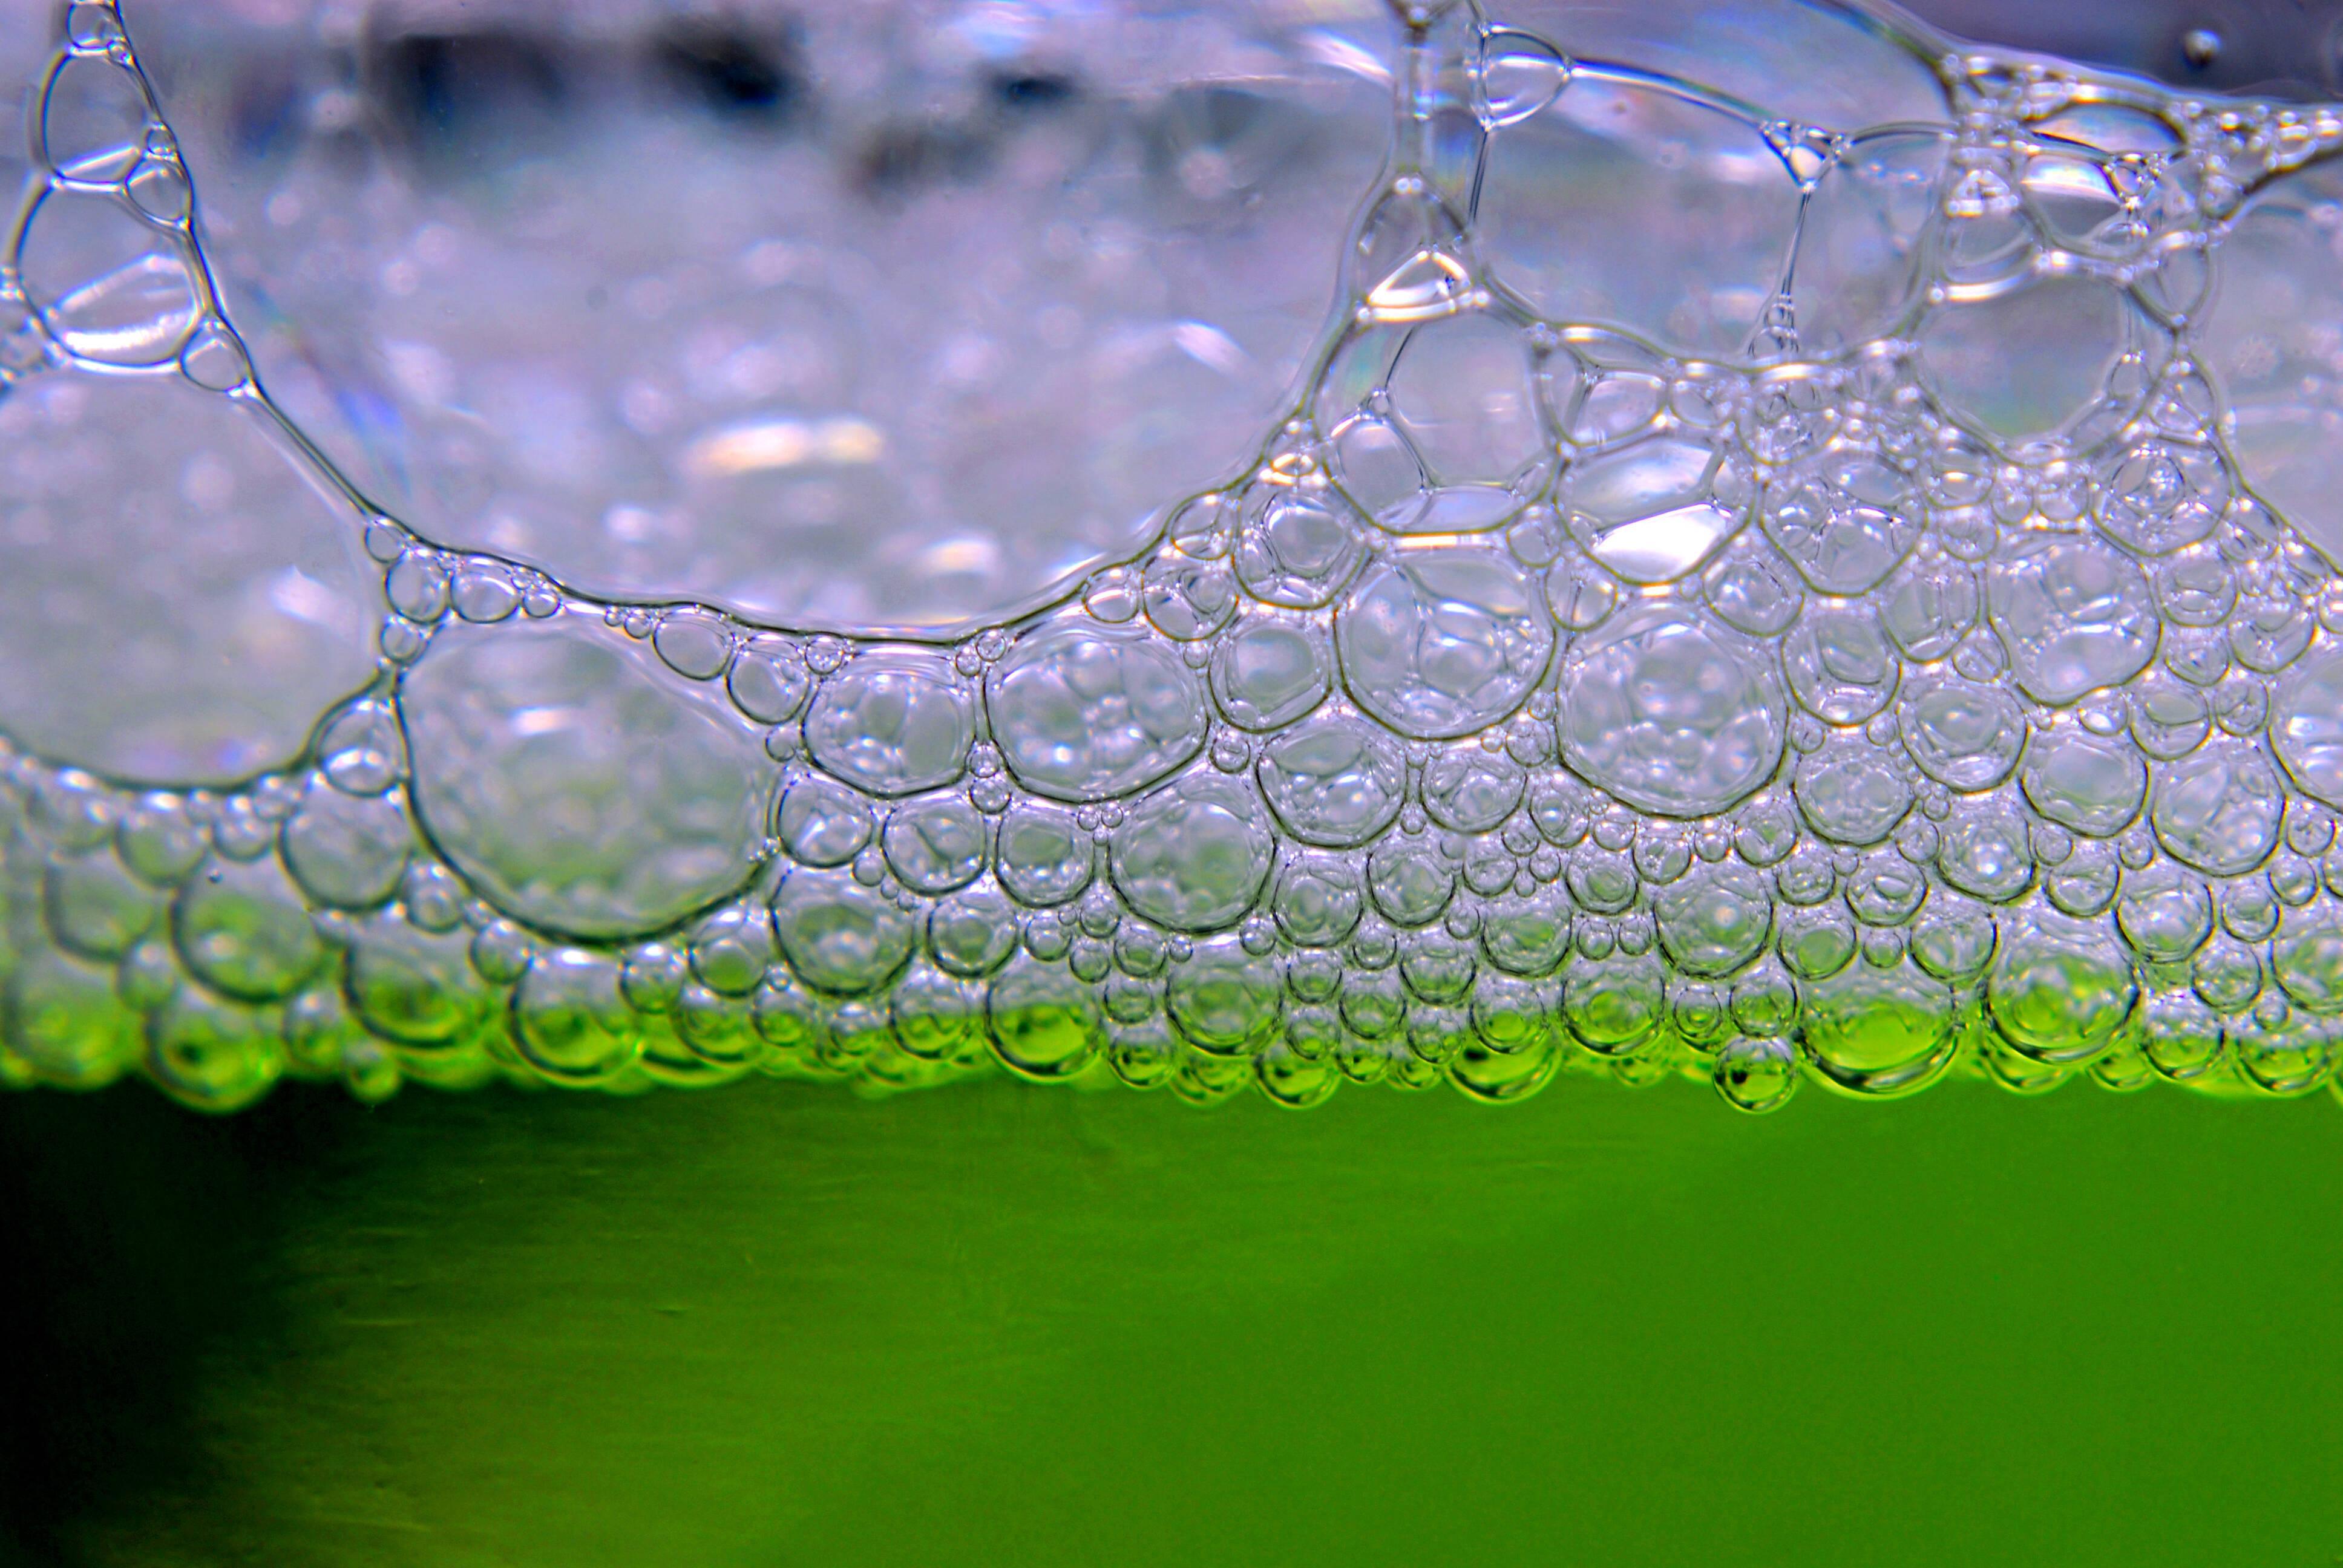 Entfernen Sie Grünbelag an der Hauswand mit dem Hausmittel Schmierseife.